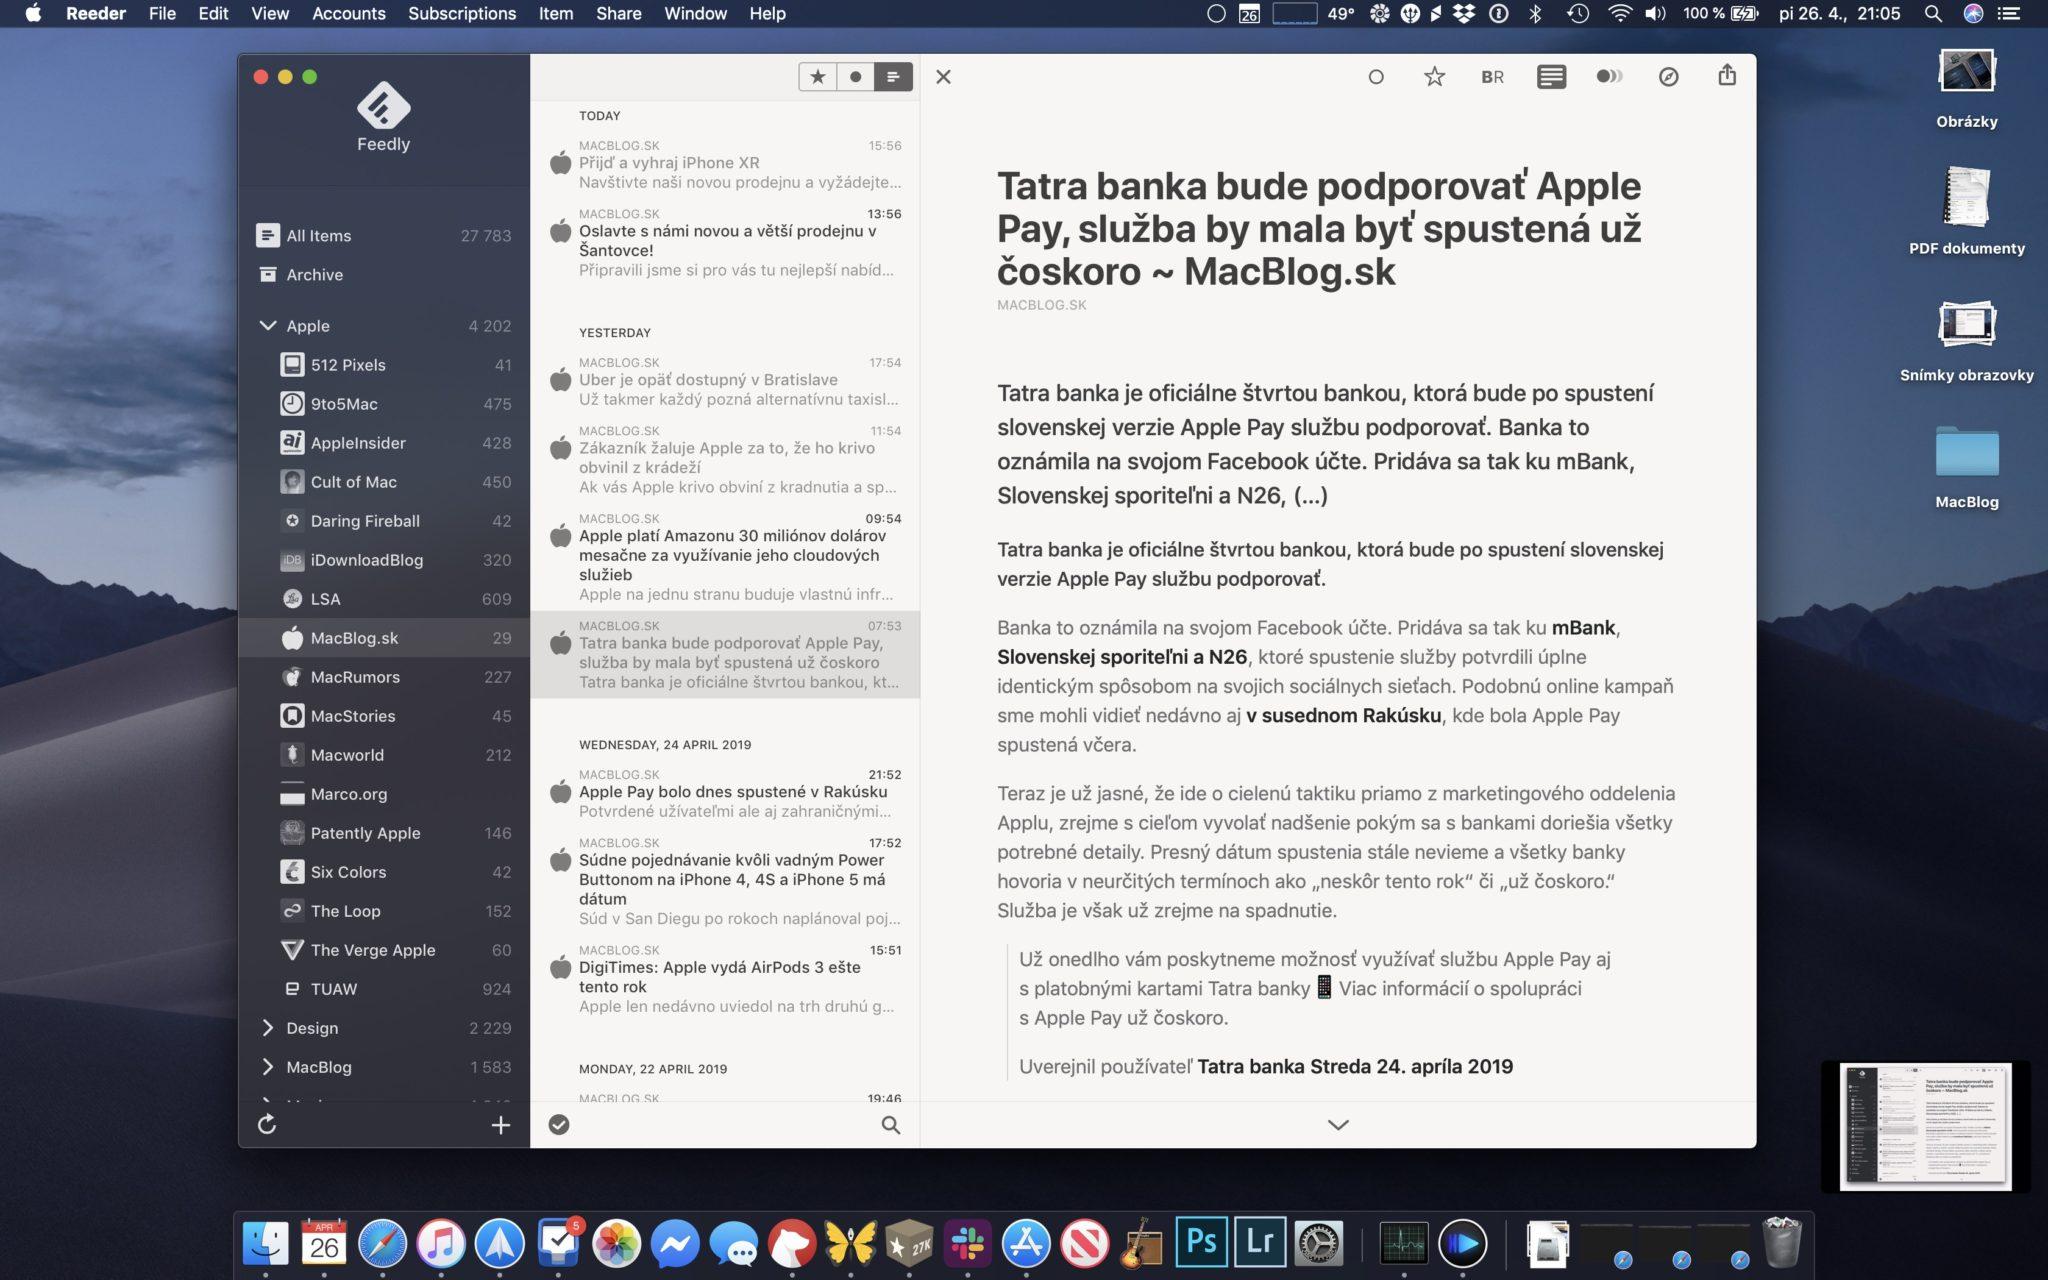 reeder 4 macos - Reeder 4: vyšla nová verzia najlepšej RSS čítačky na Mac a iOS